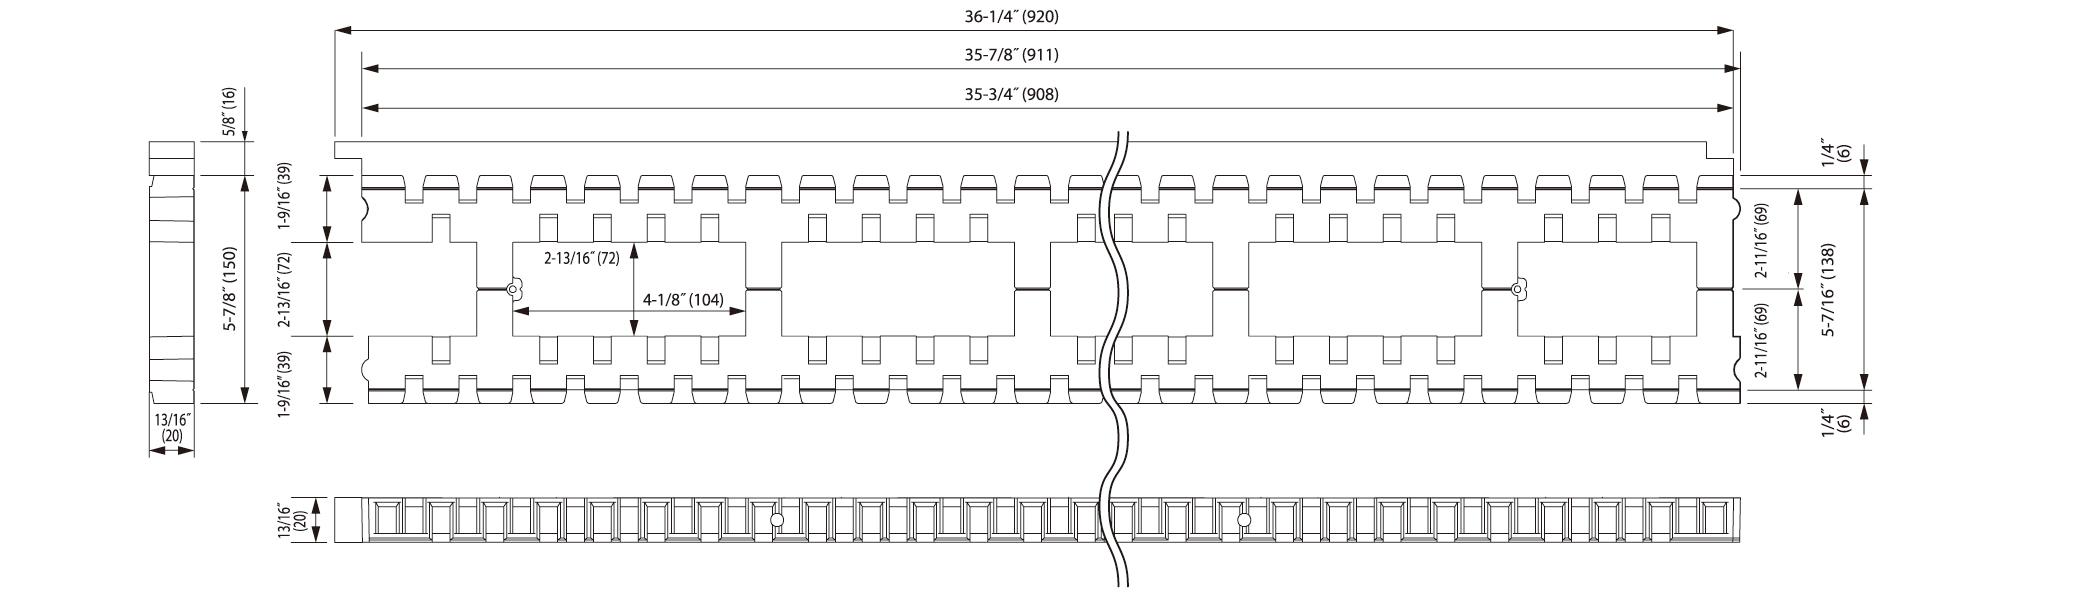 KPA-L150U Drawing